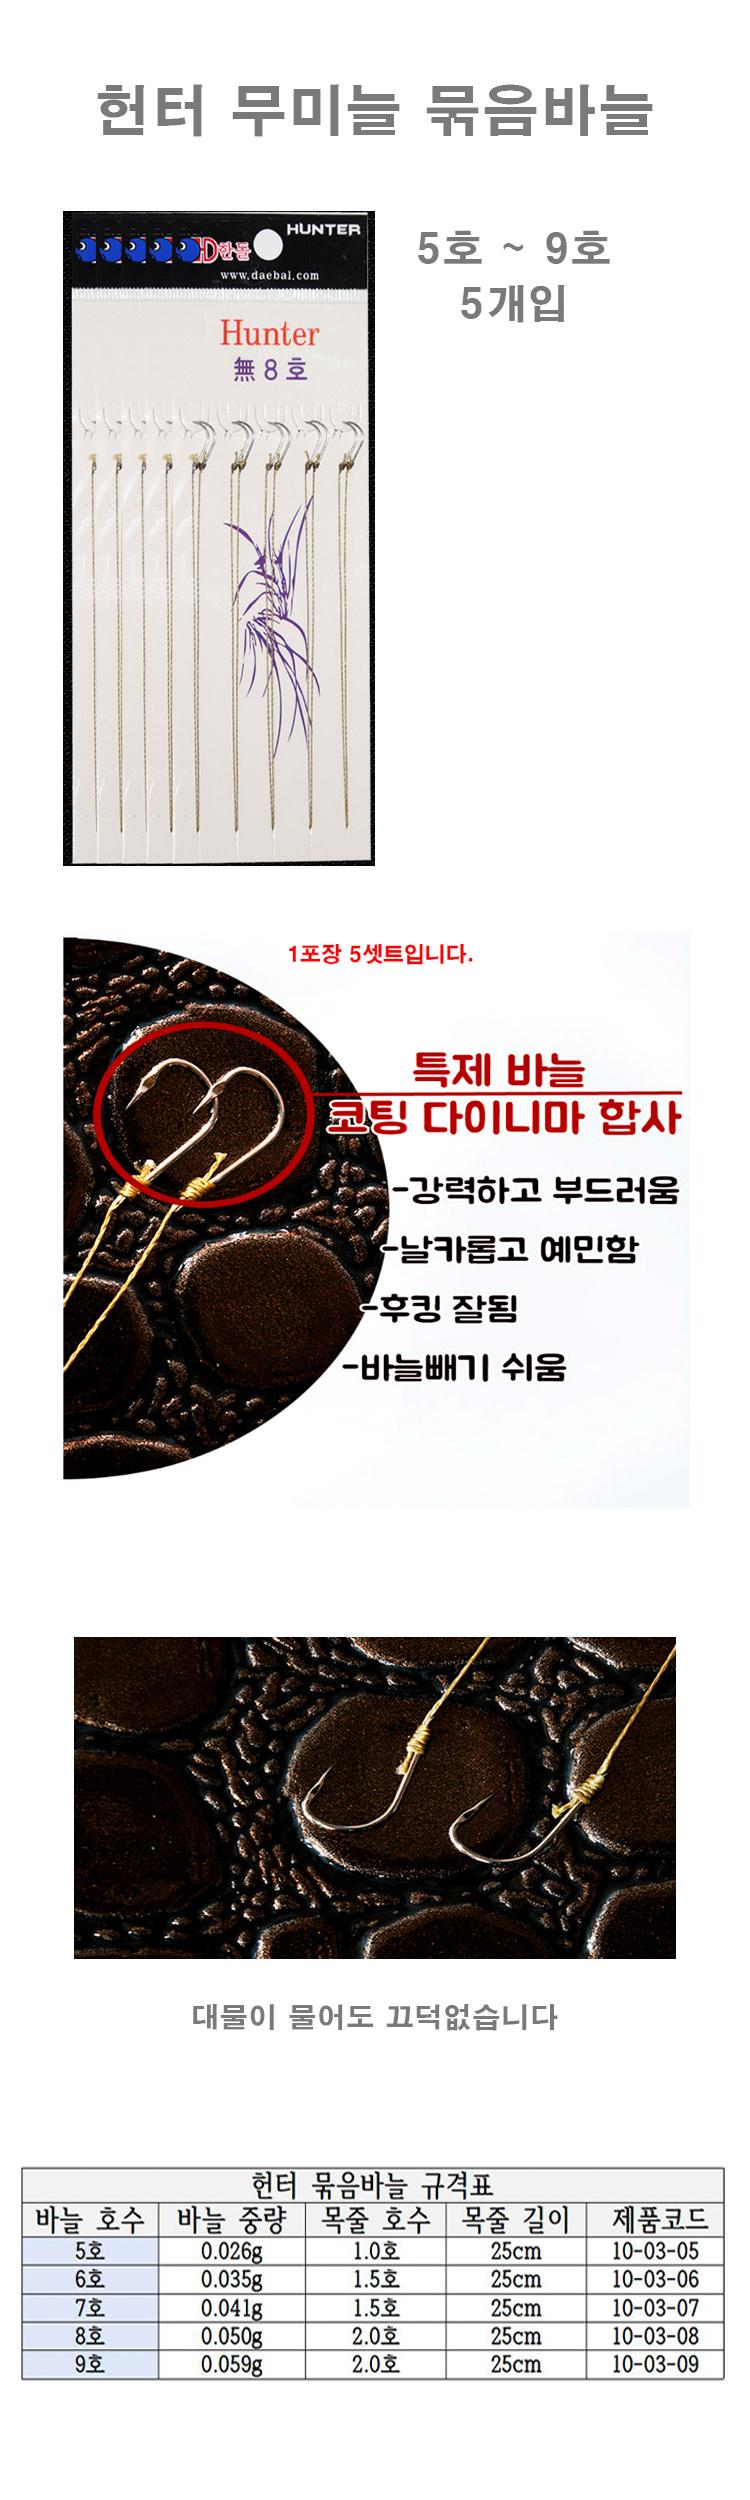 b1498f438eb82829cce8c2cd28137b4e_1610698685_679.jpg